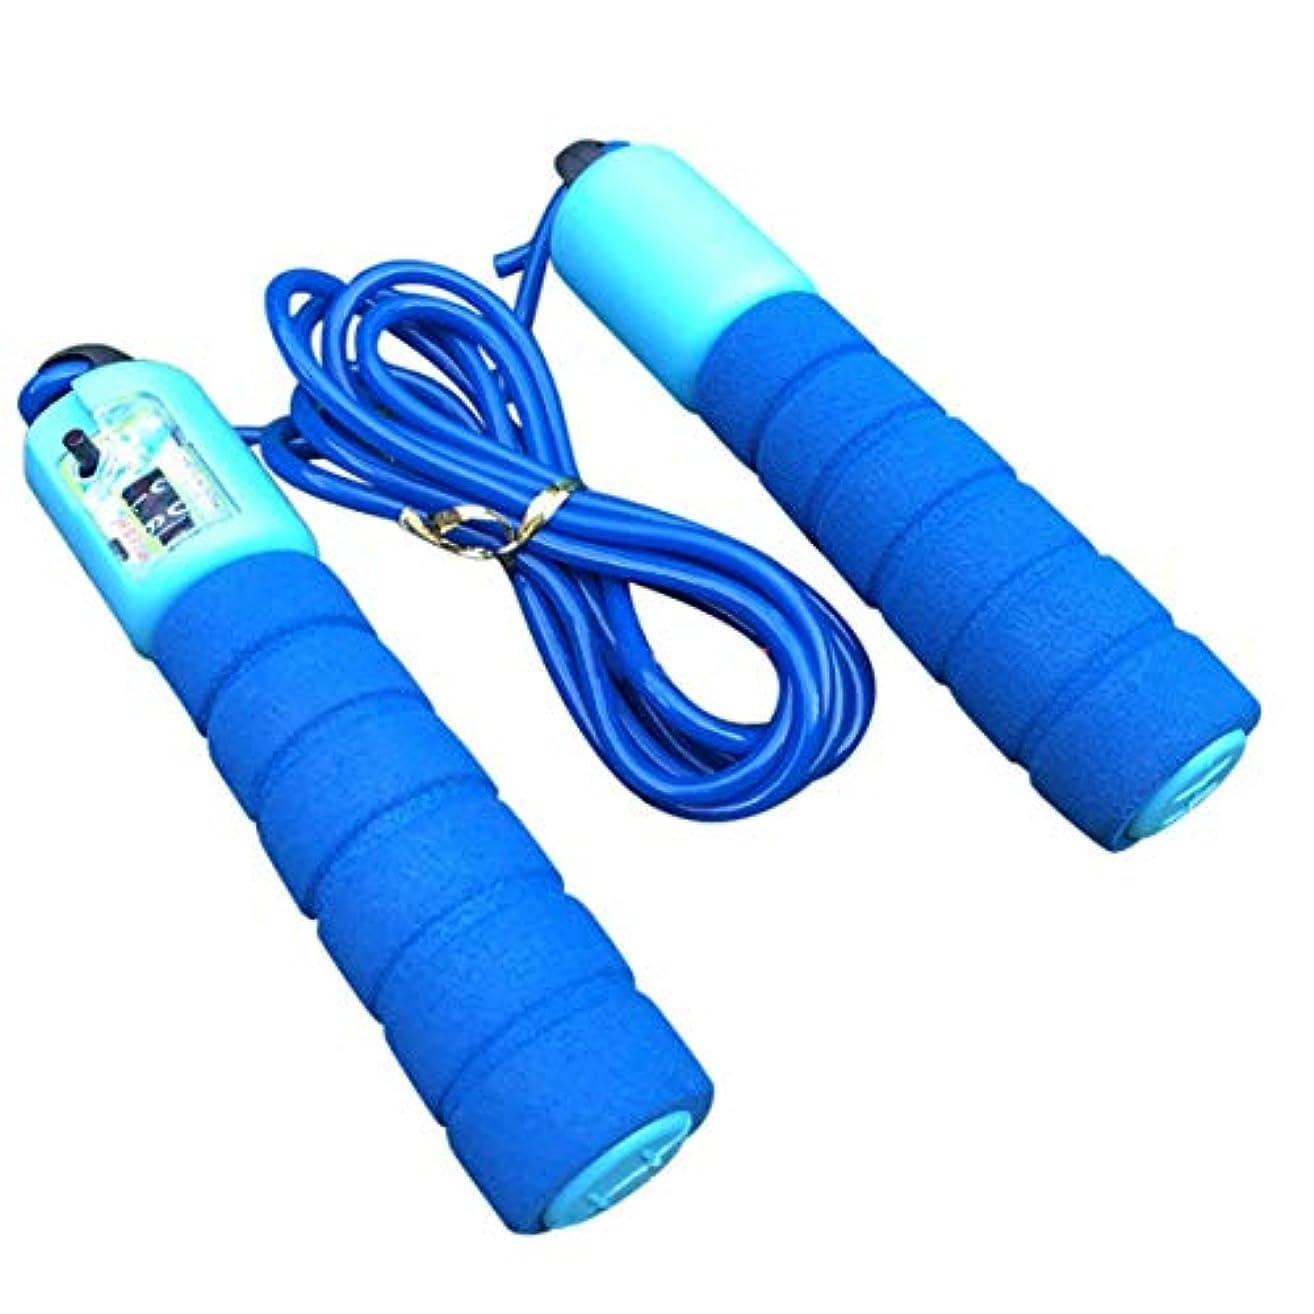 是正暴力的なバング調整可能なプロフェッショナルカウント縄跳び自動カウントジャンプロープフィットネス運動高速カウントジャンプロープ - 青